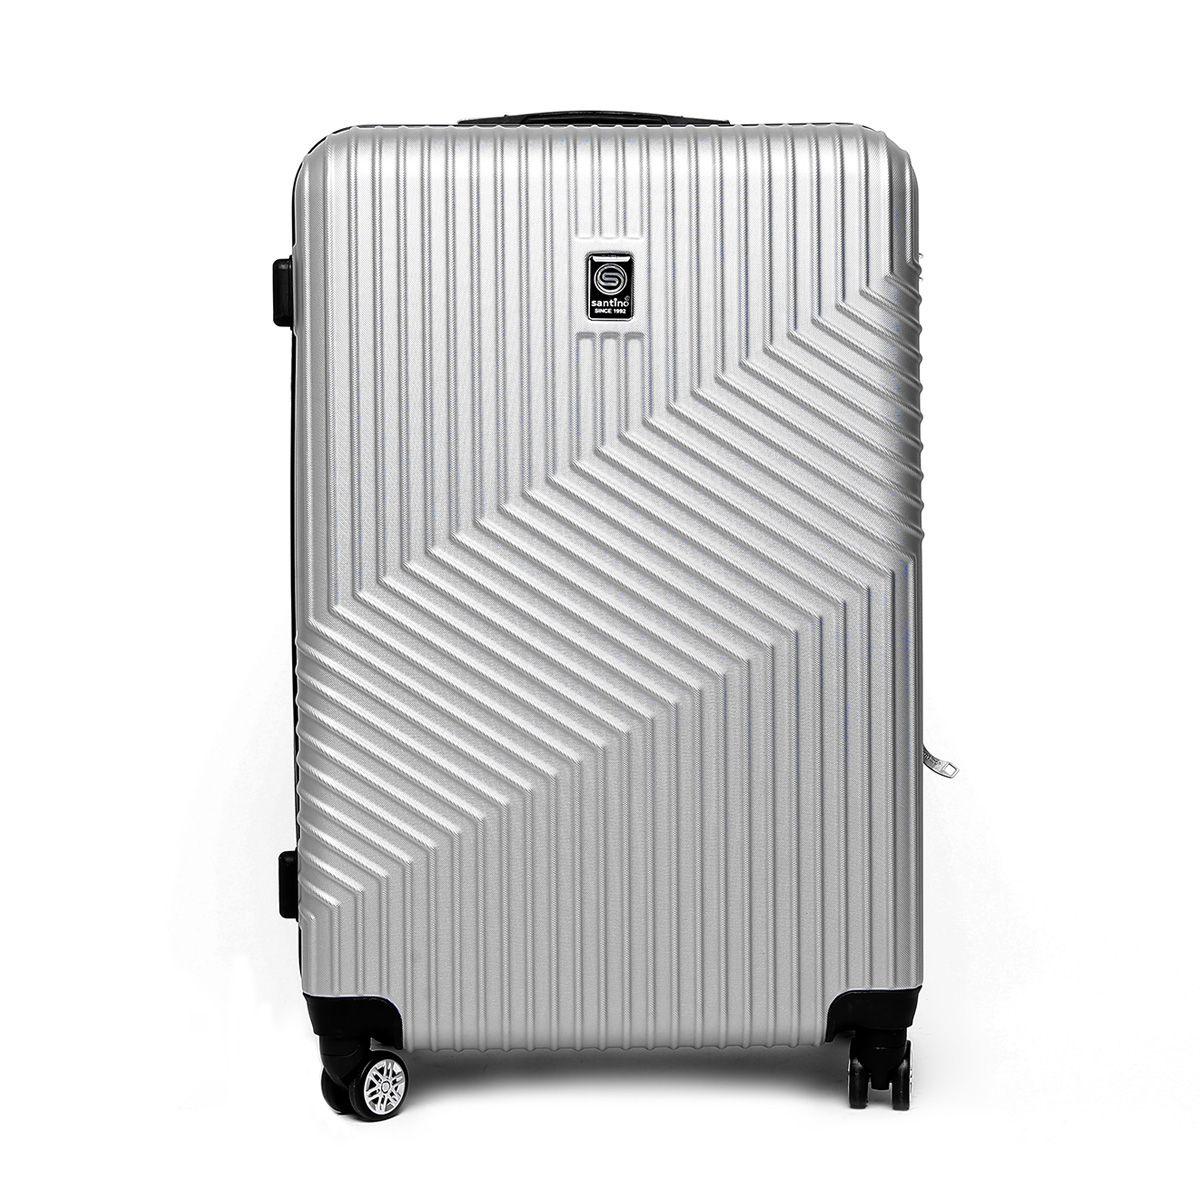 Mala de Viagem Rígida Grande (32kg) em ABS com Rodas Duplas 360º e TSA - Geometric - Santino